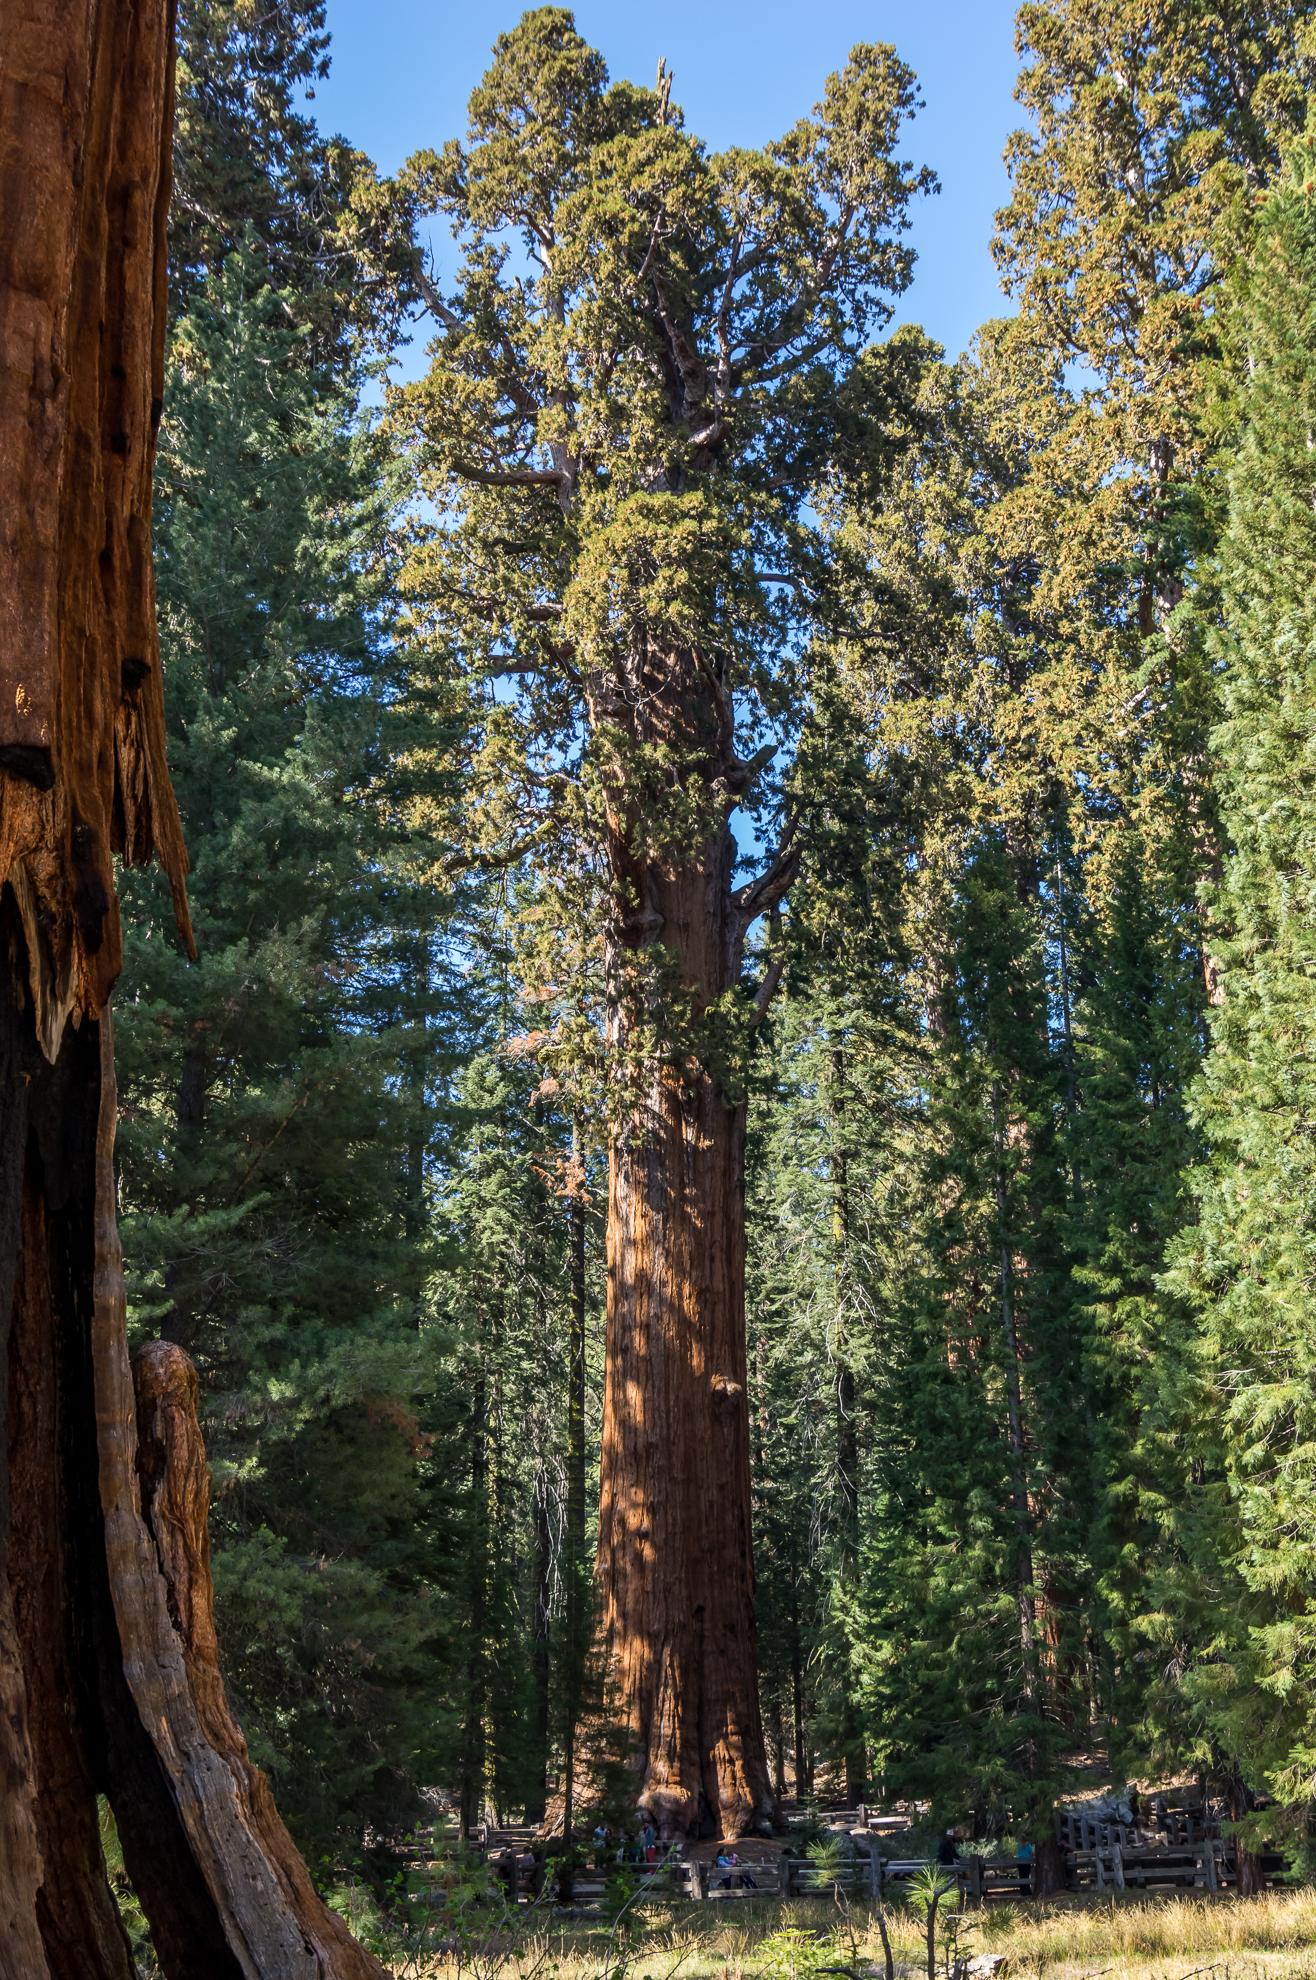 Der General Sherman. Der Größte (nicht höchste) Baum der Welt. Zum Vergleich siehe die Menschen an der Basis.